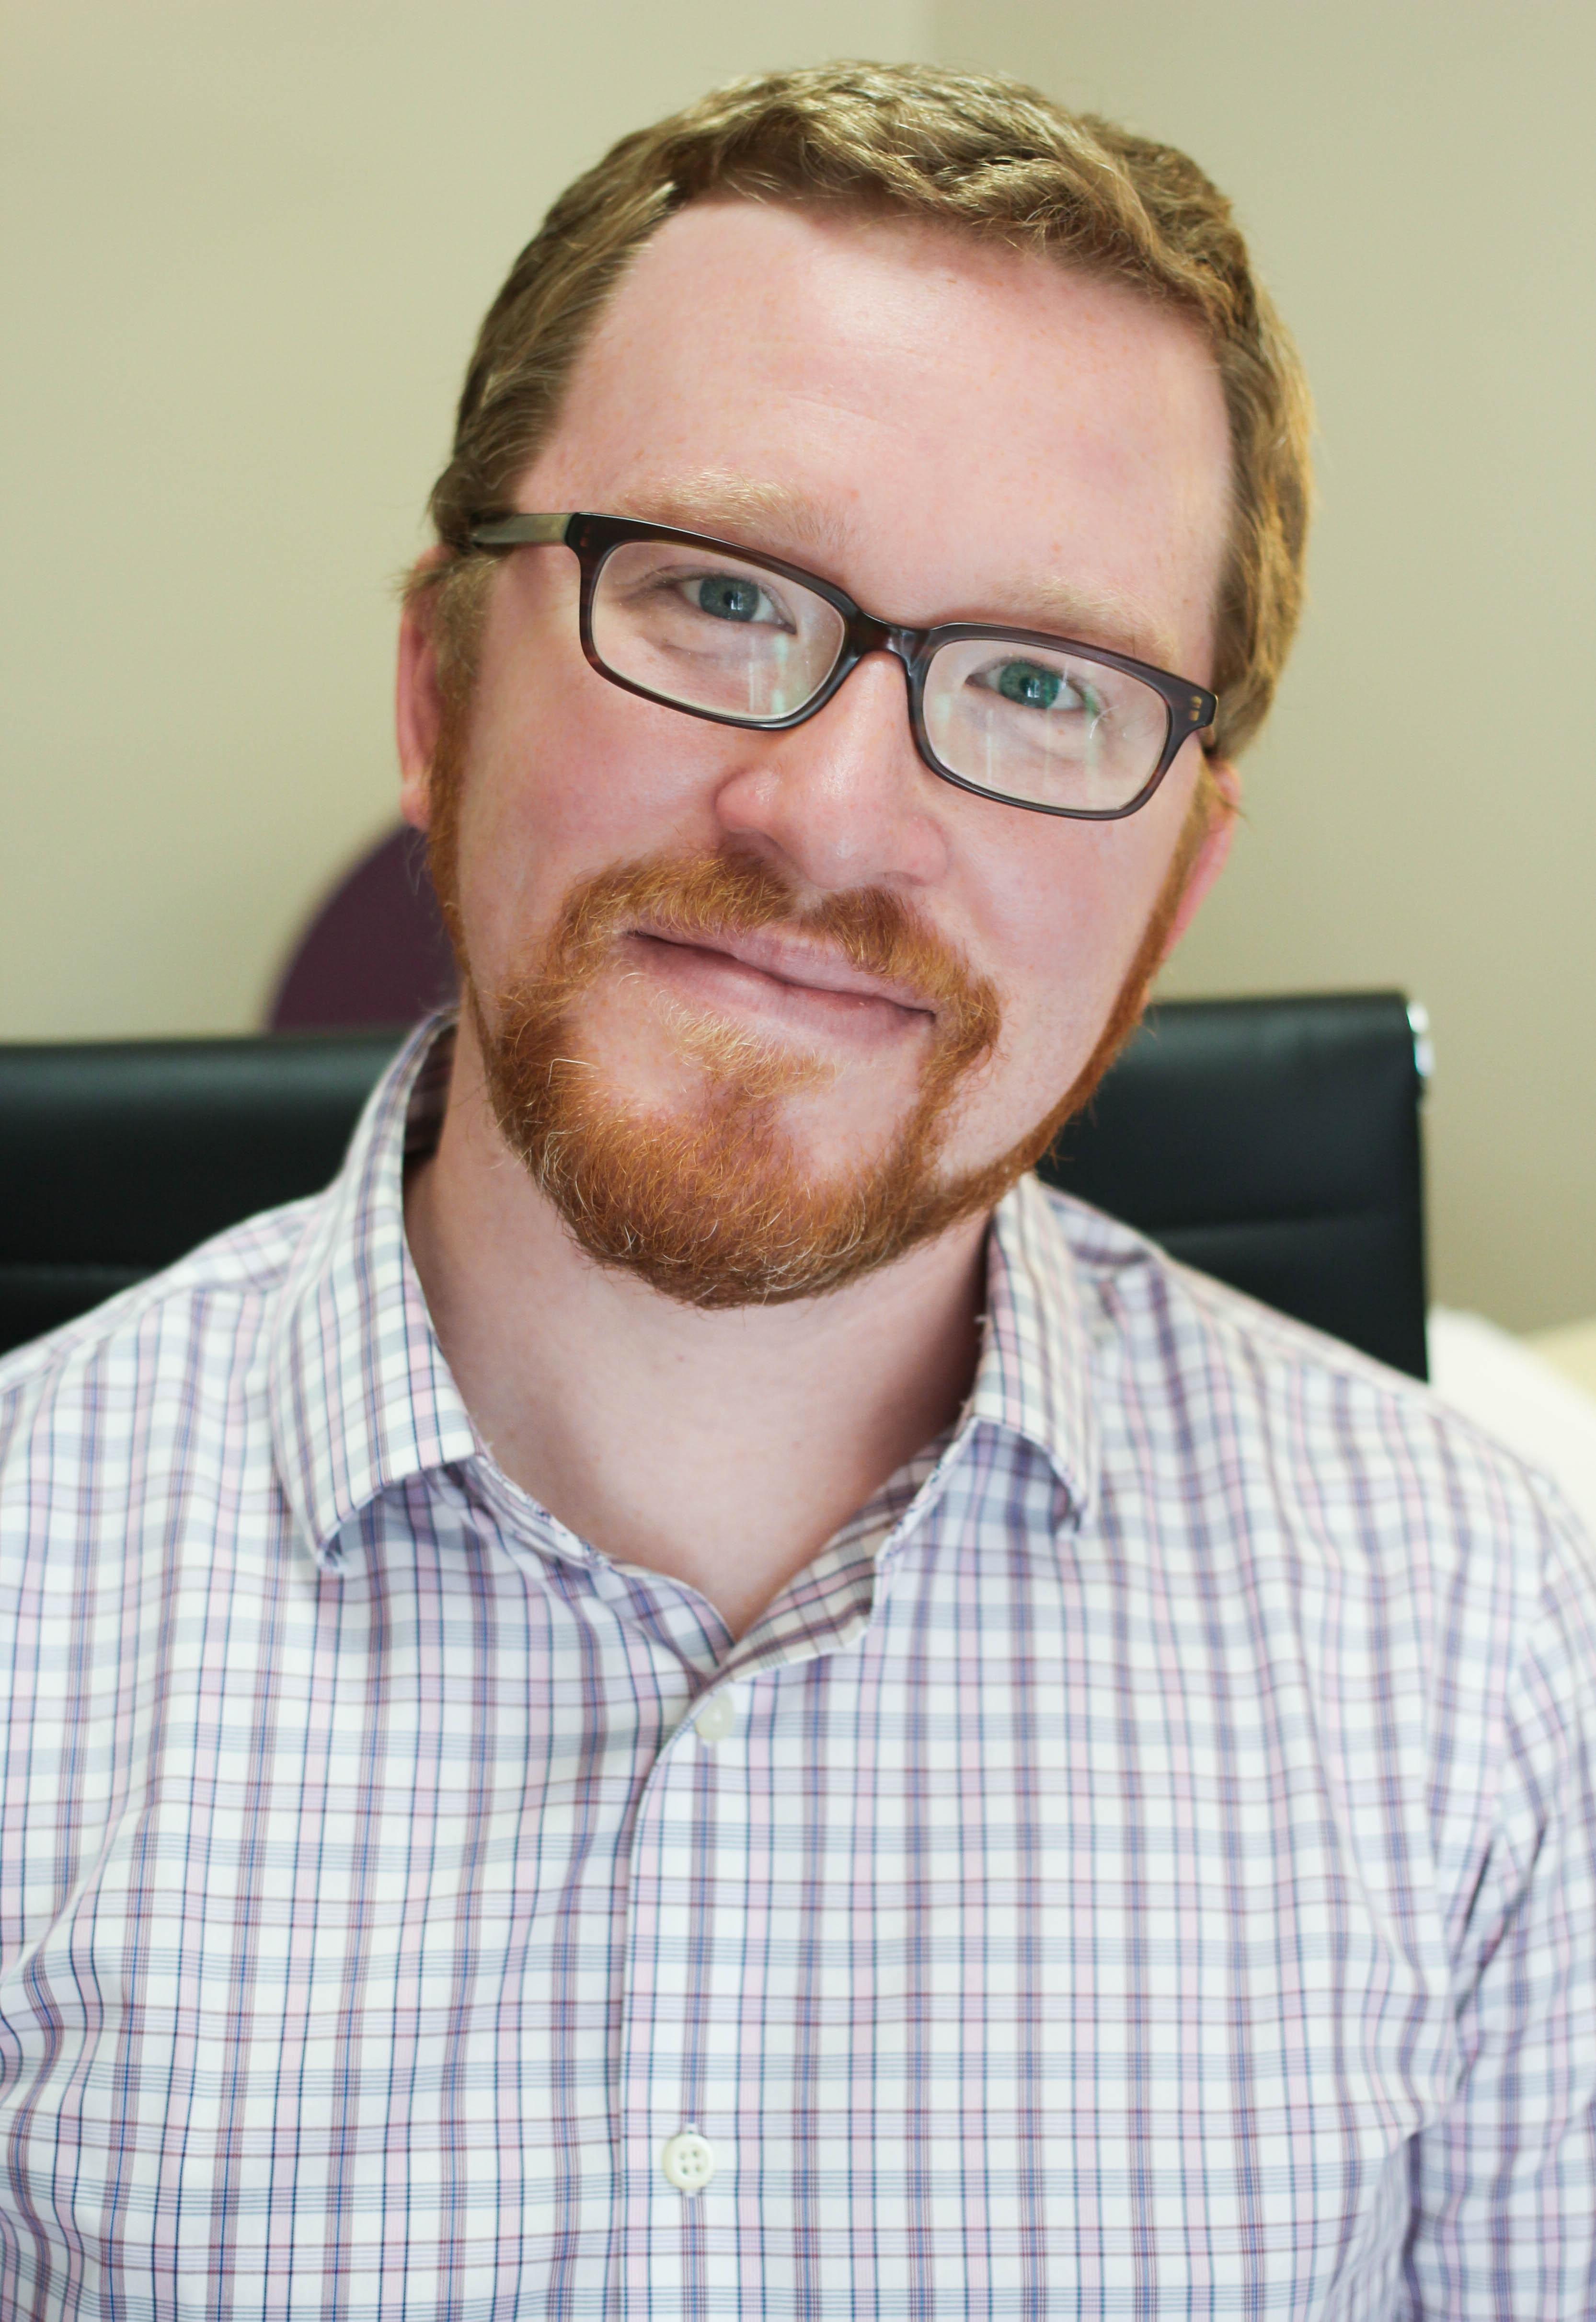 Andrew Grace